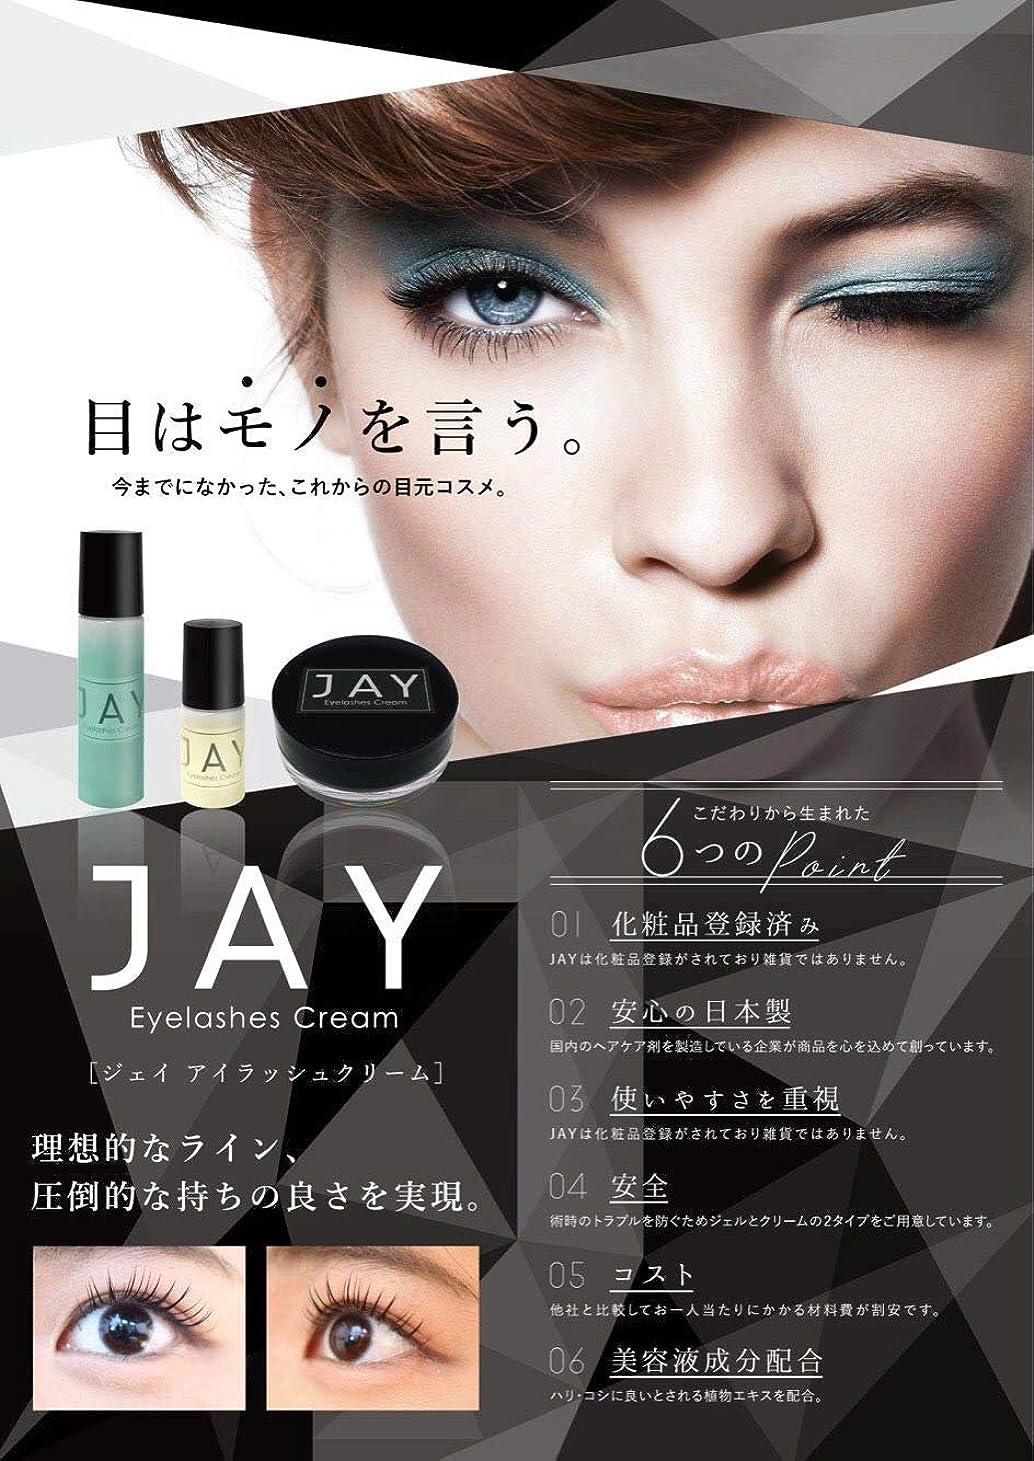 含意アメリカ申請中JAY eyelashes cream サンプルセット